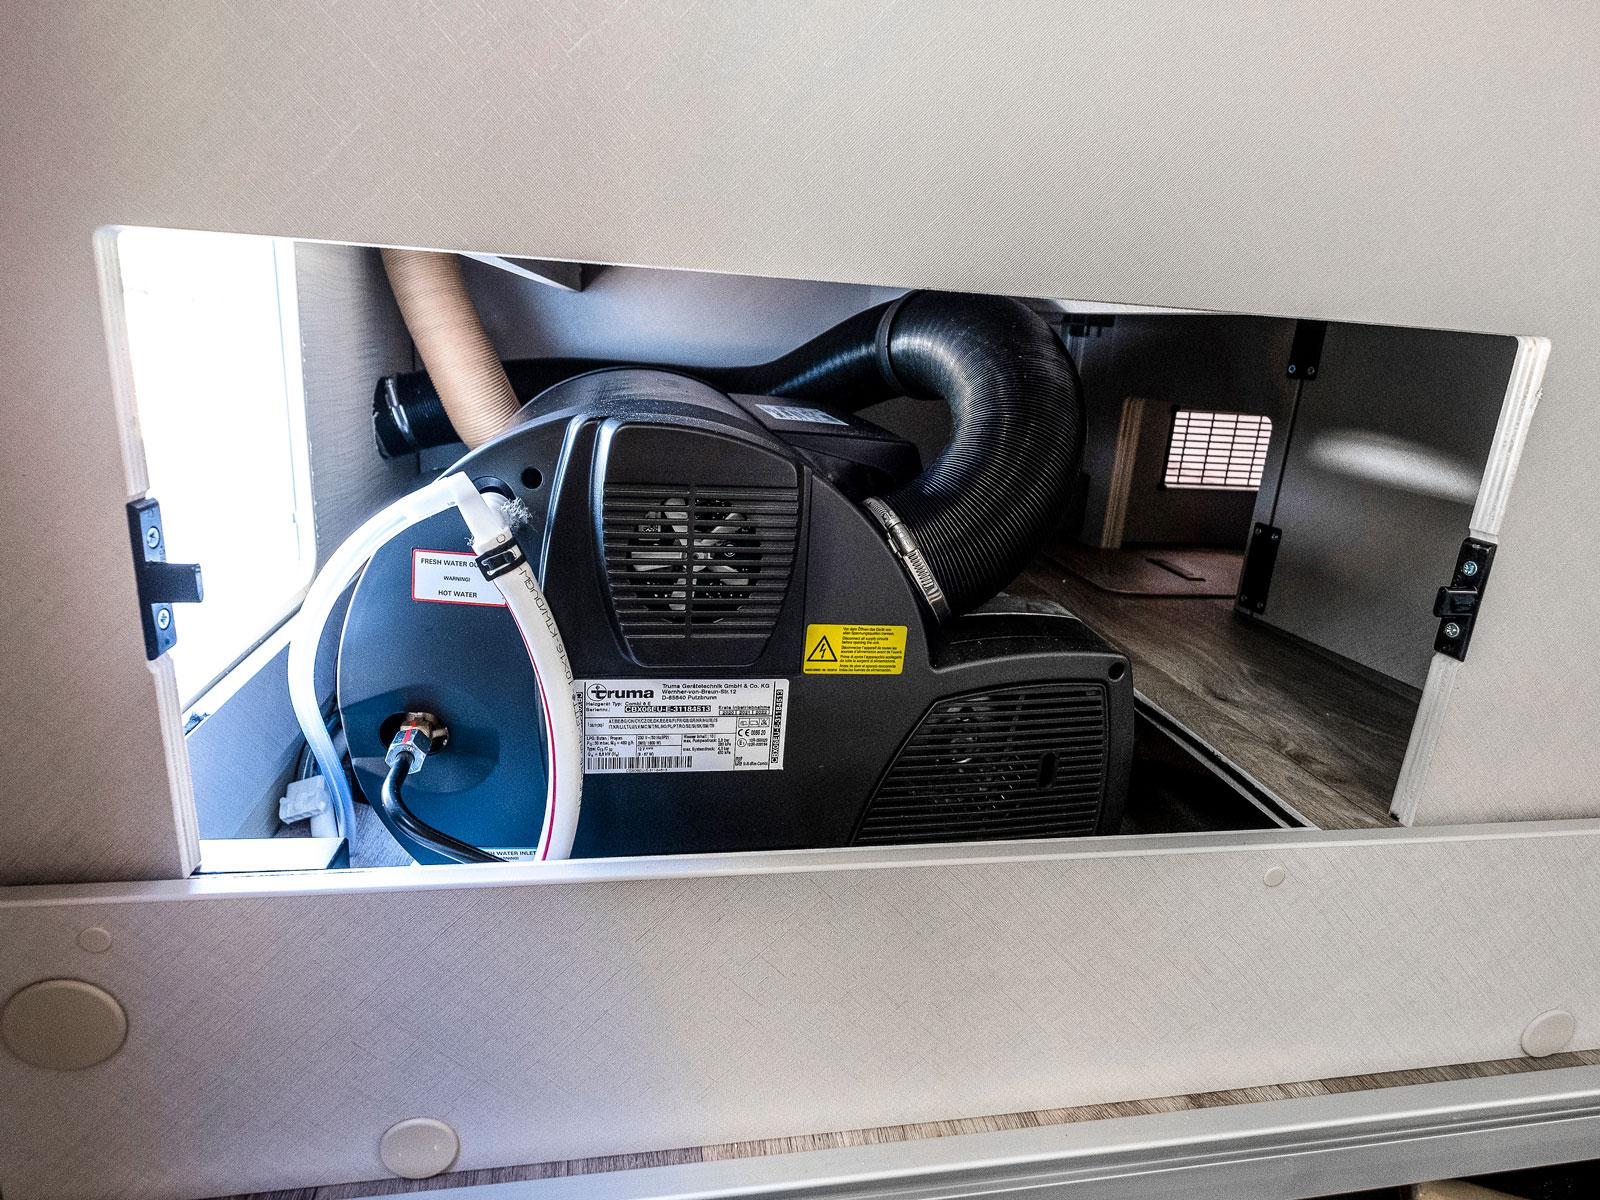 Bakom en panel i garaget hittar vi värmepannan.